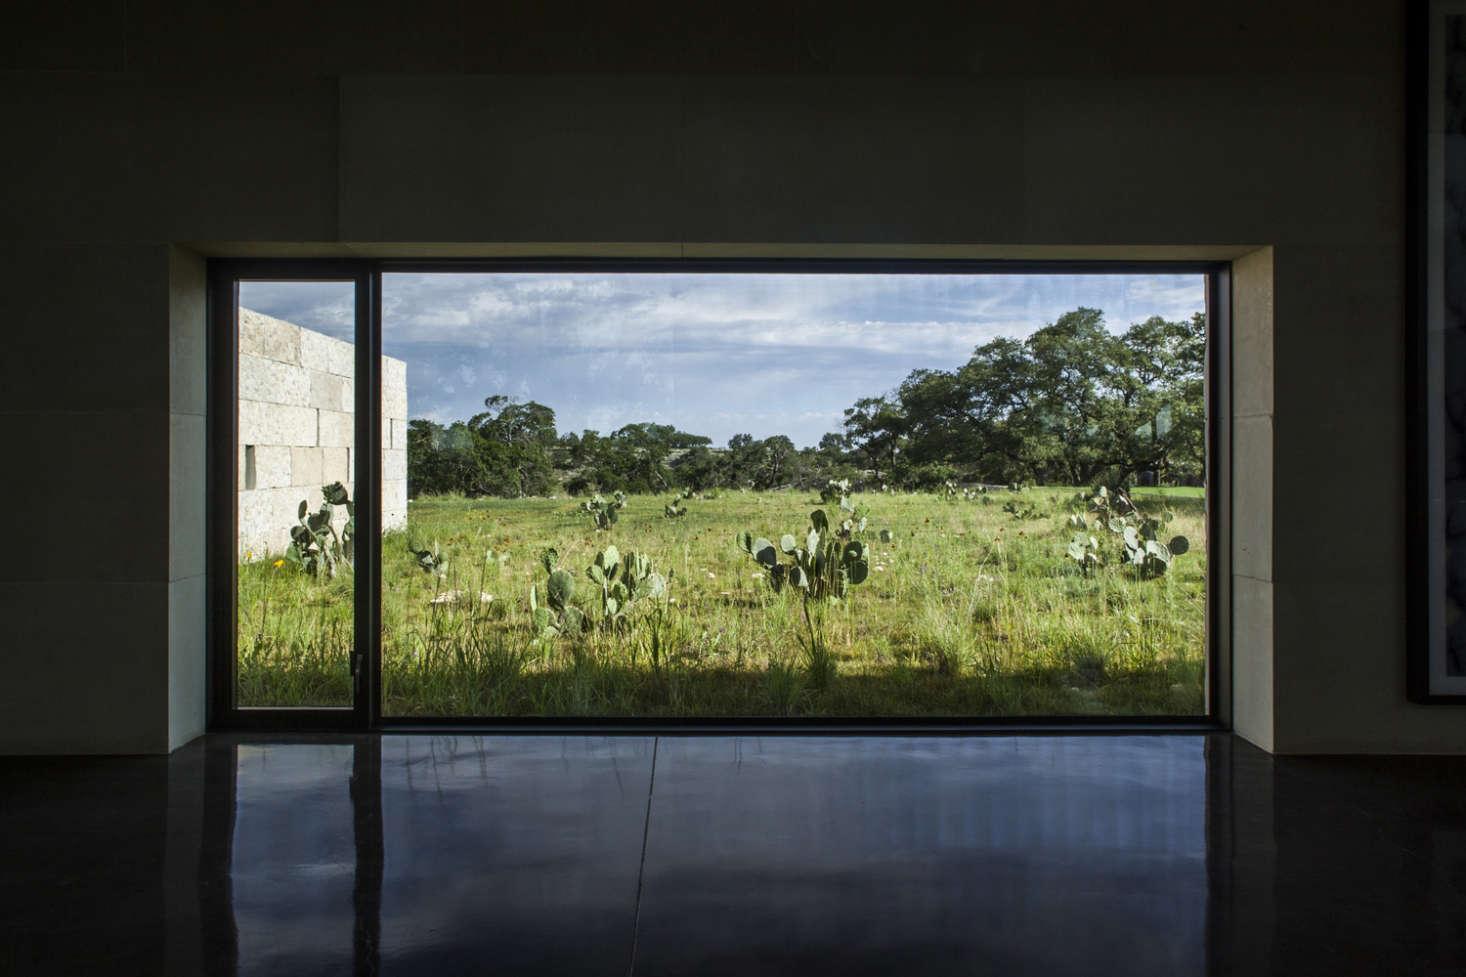 窗户的玻璃结构可以形容。